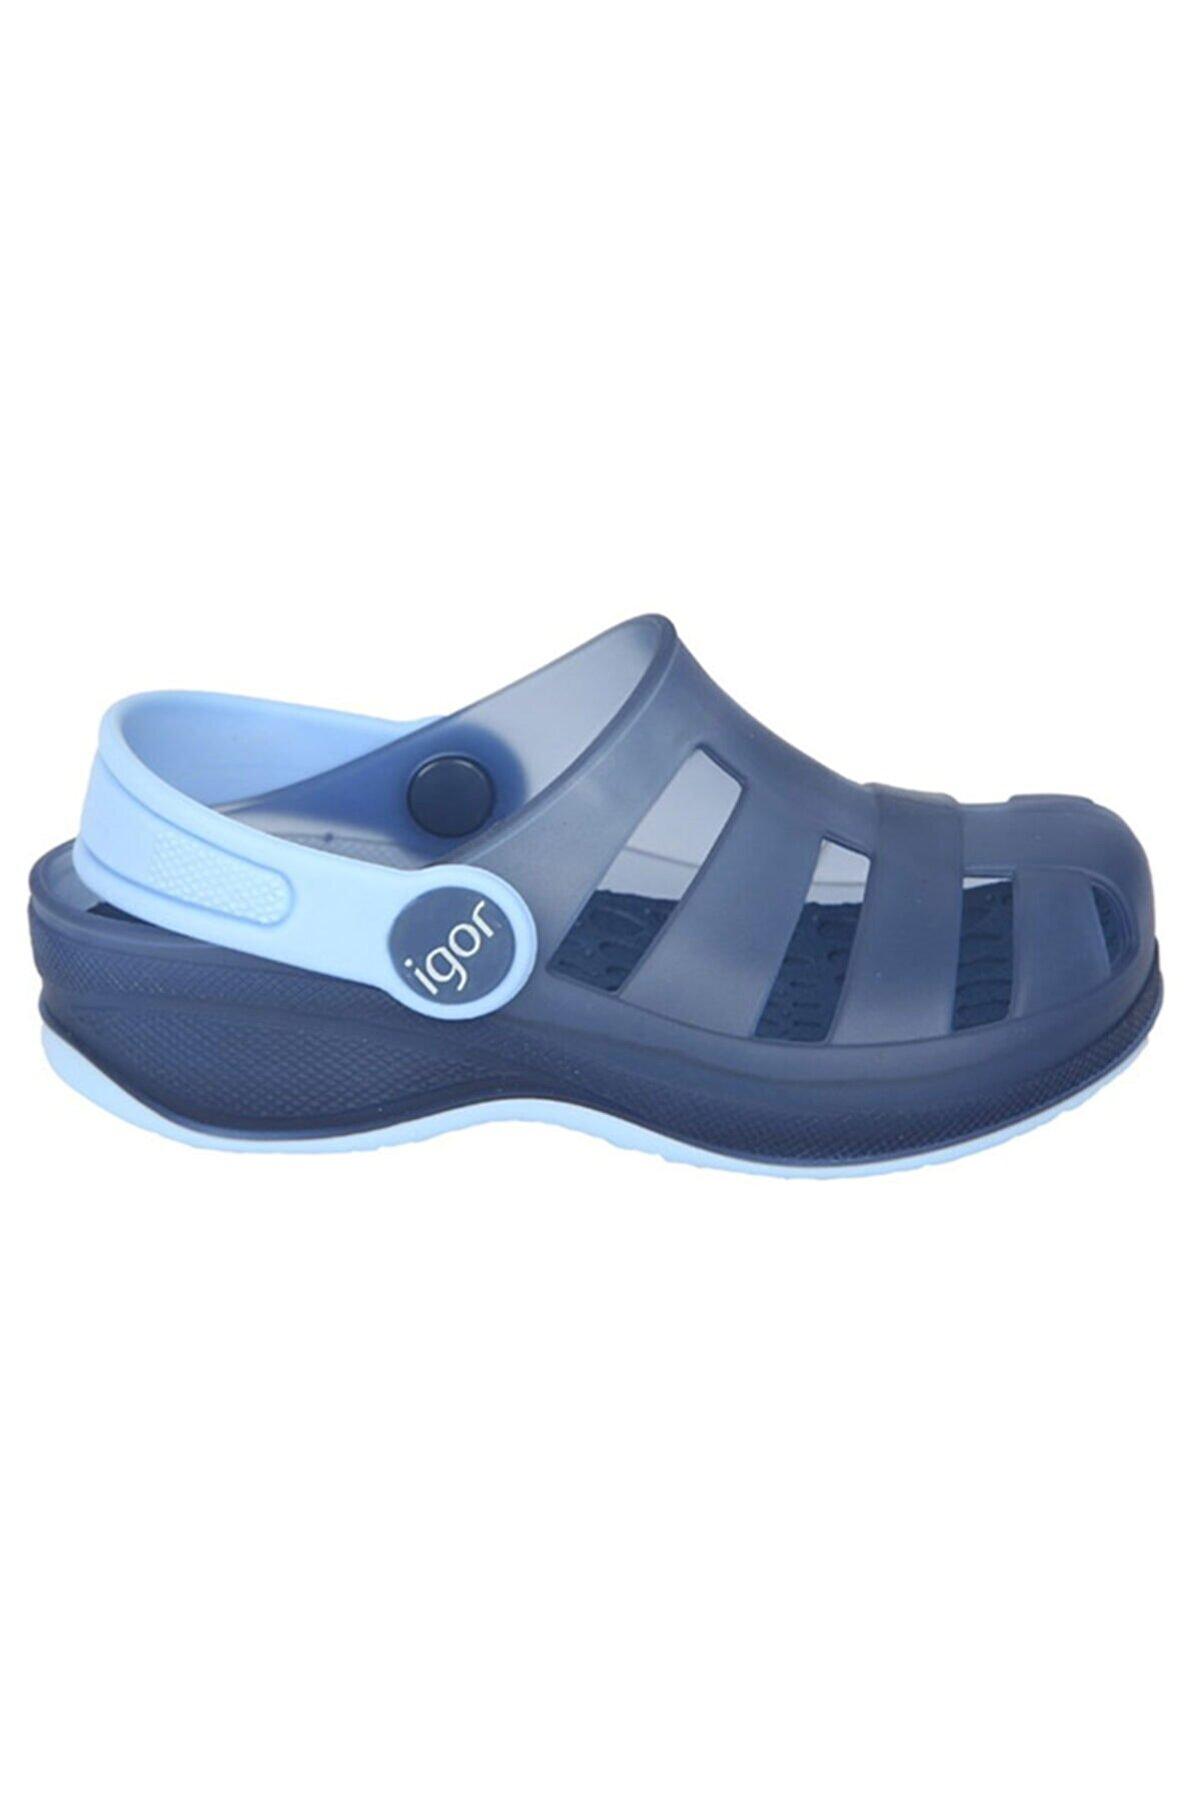 IGOR Unisex Çocuk Mavi Günlük Stil Sandalet S10251-023